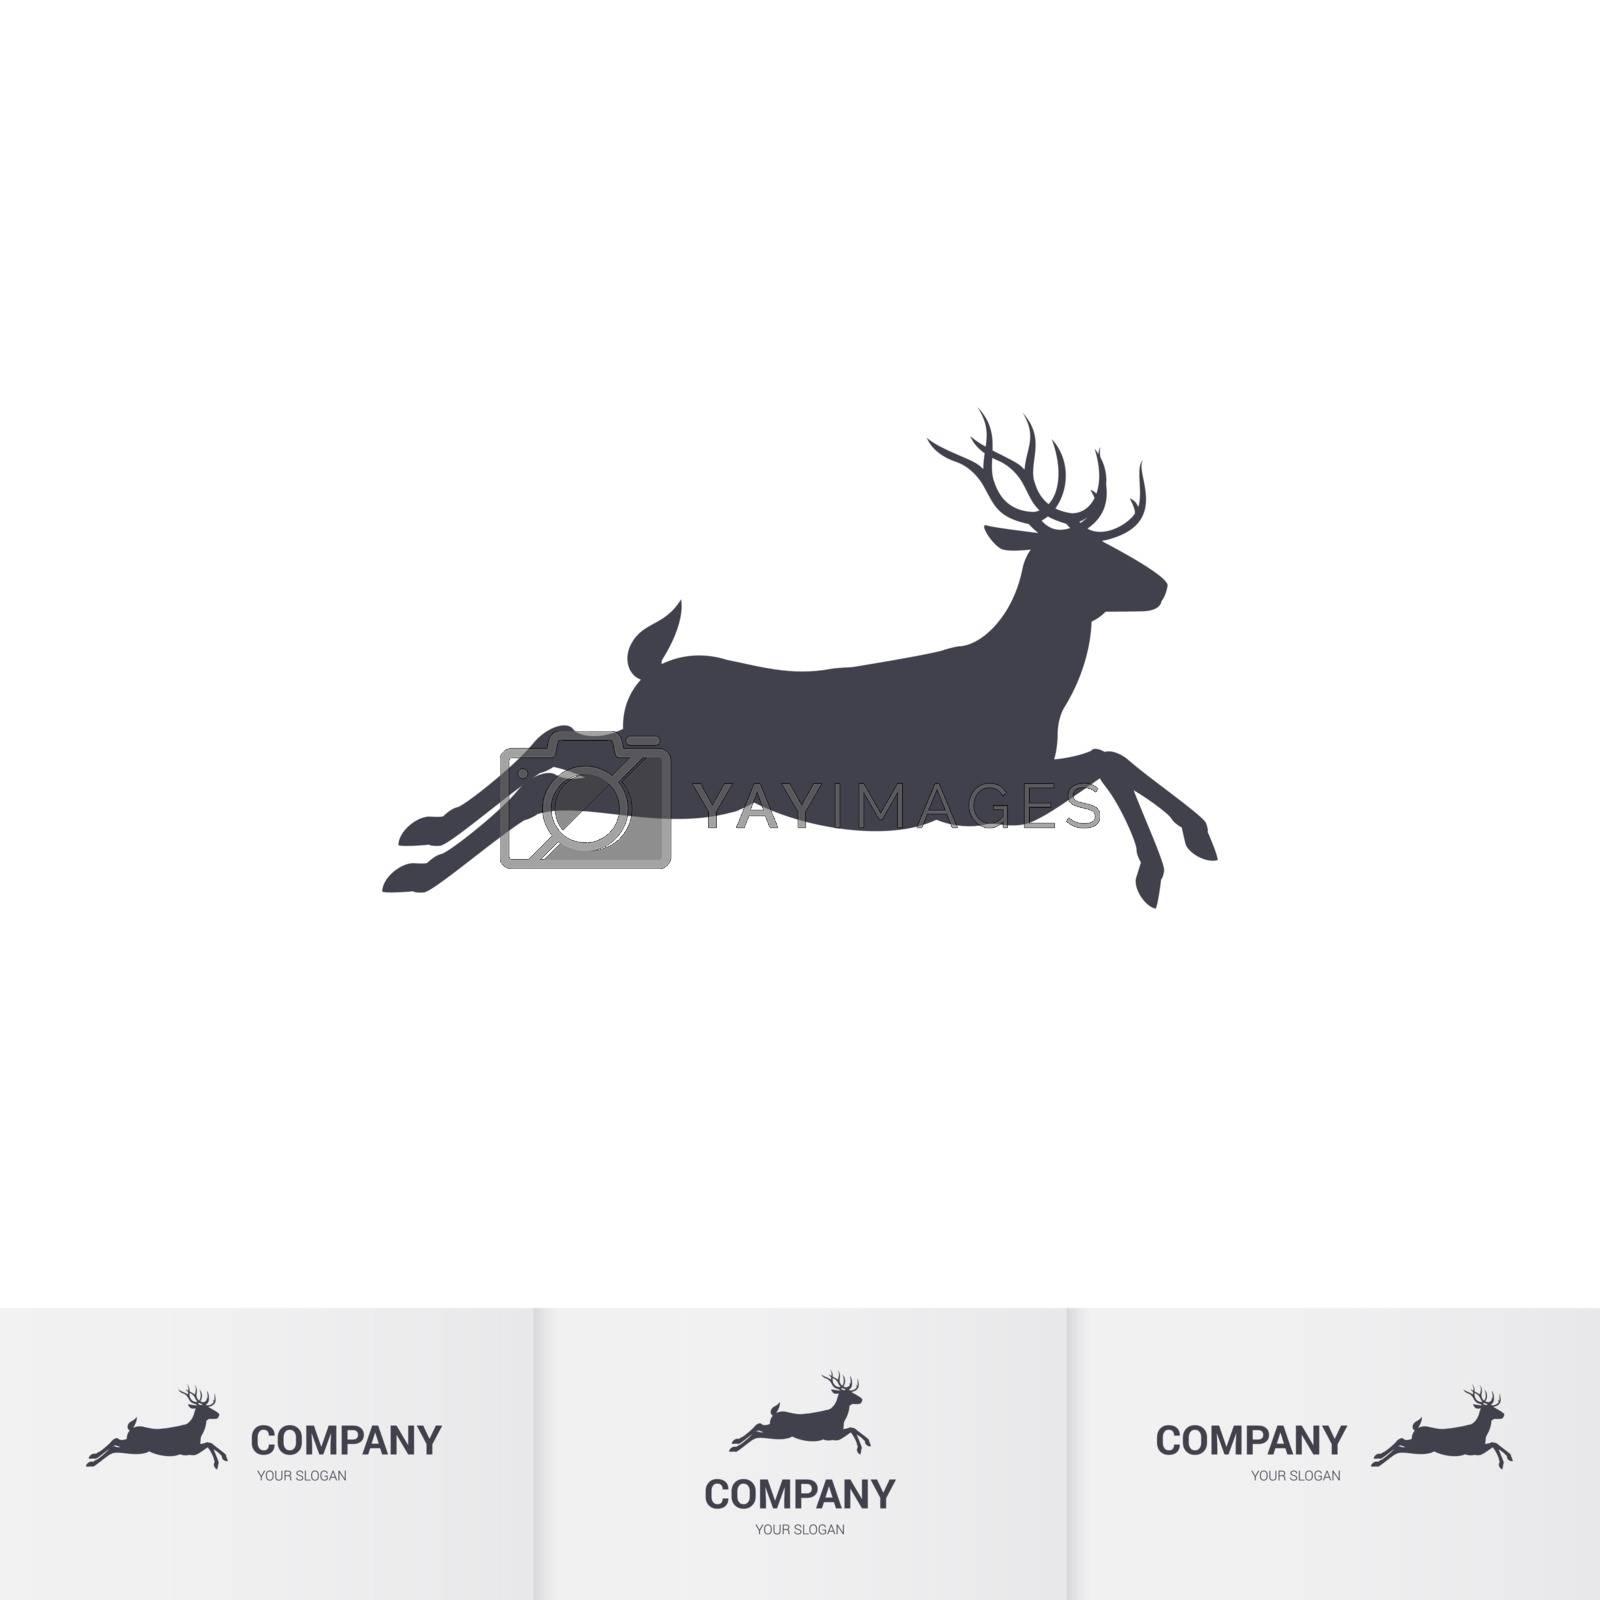 Illustration of Running Horned Deer Silhouette for Mascot Logo Template on White